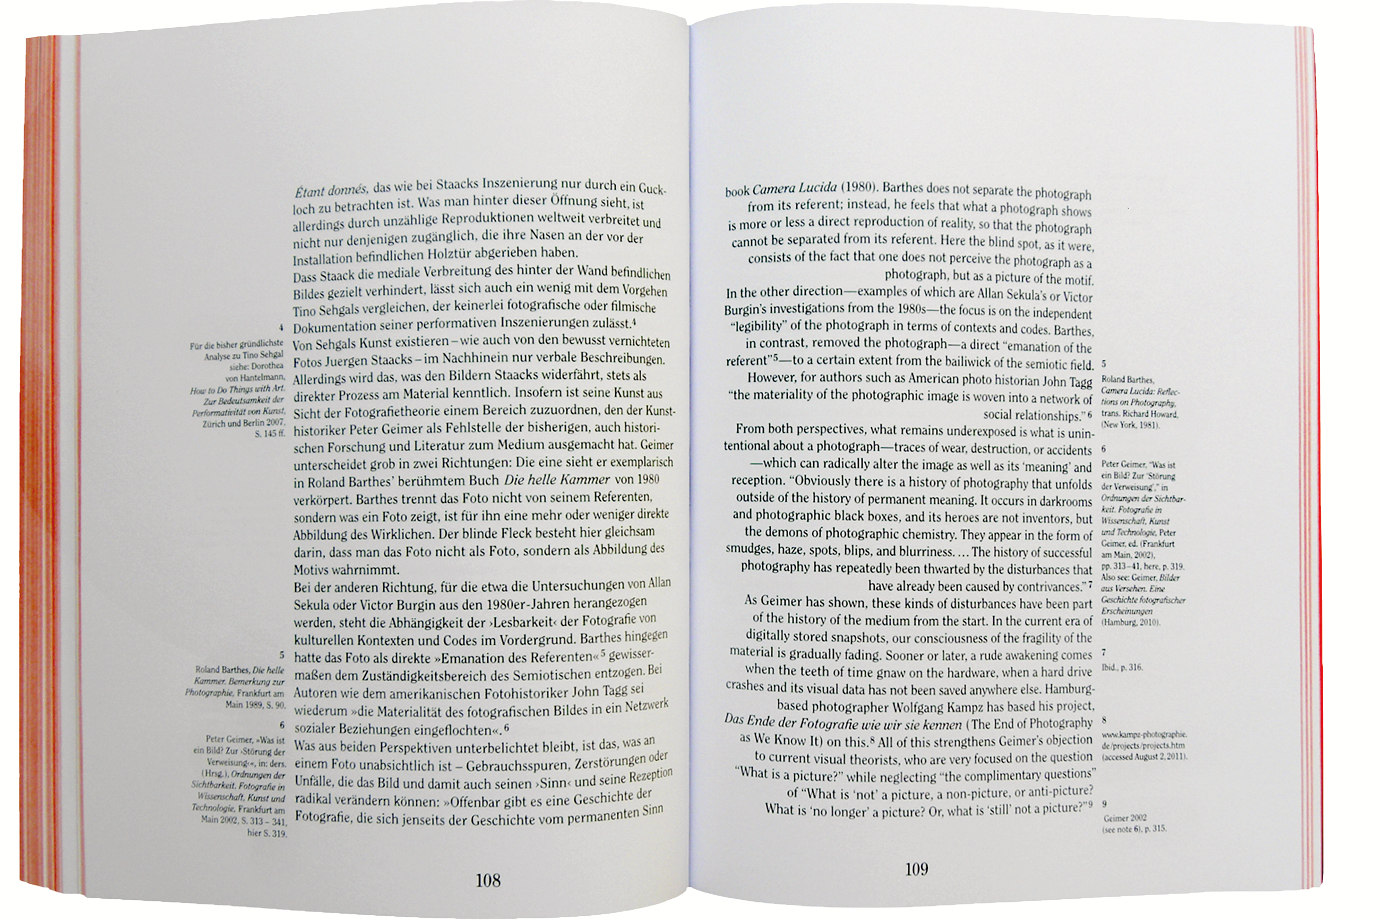 http://e-o-t.de/wordpress/wp-content/uploads/2017/07/eot-2011_Ars-Viva_Book_14.jpg